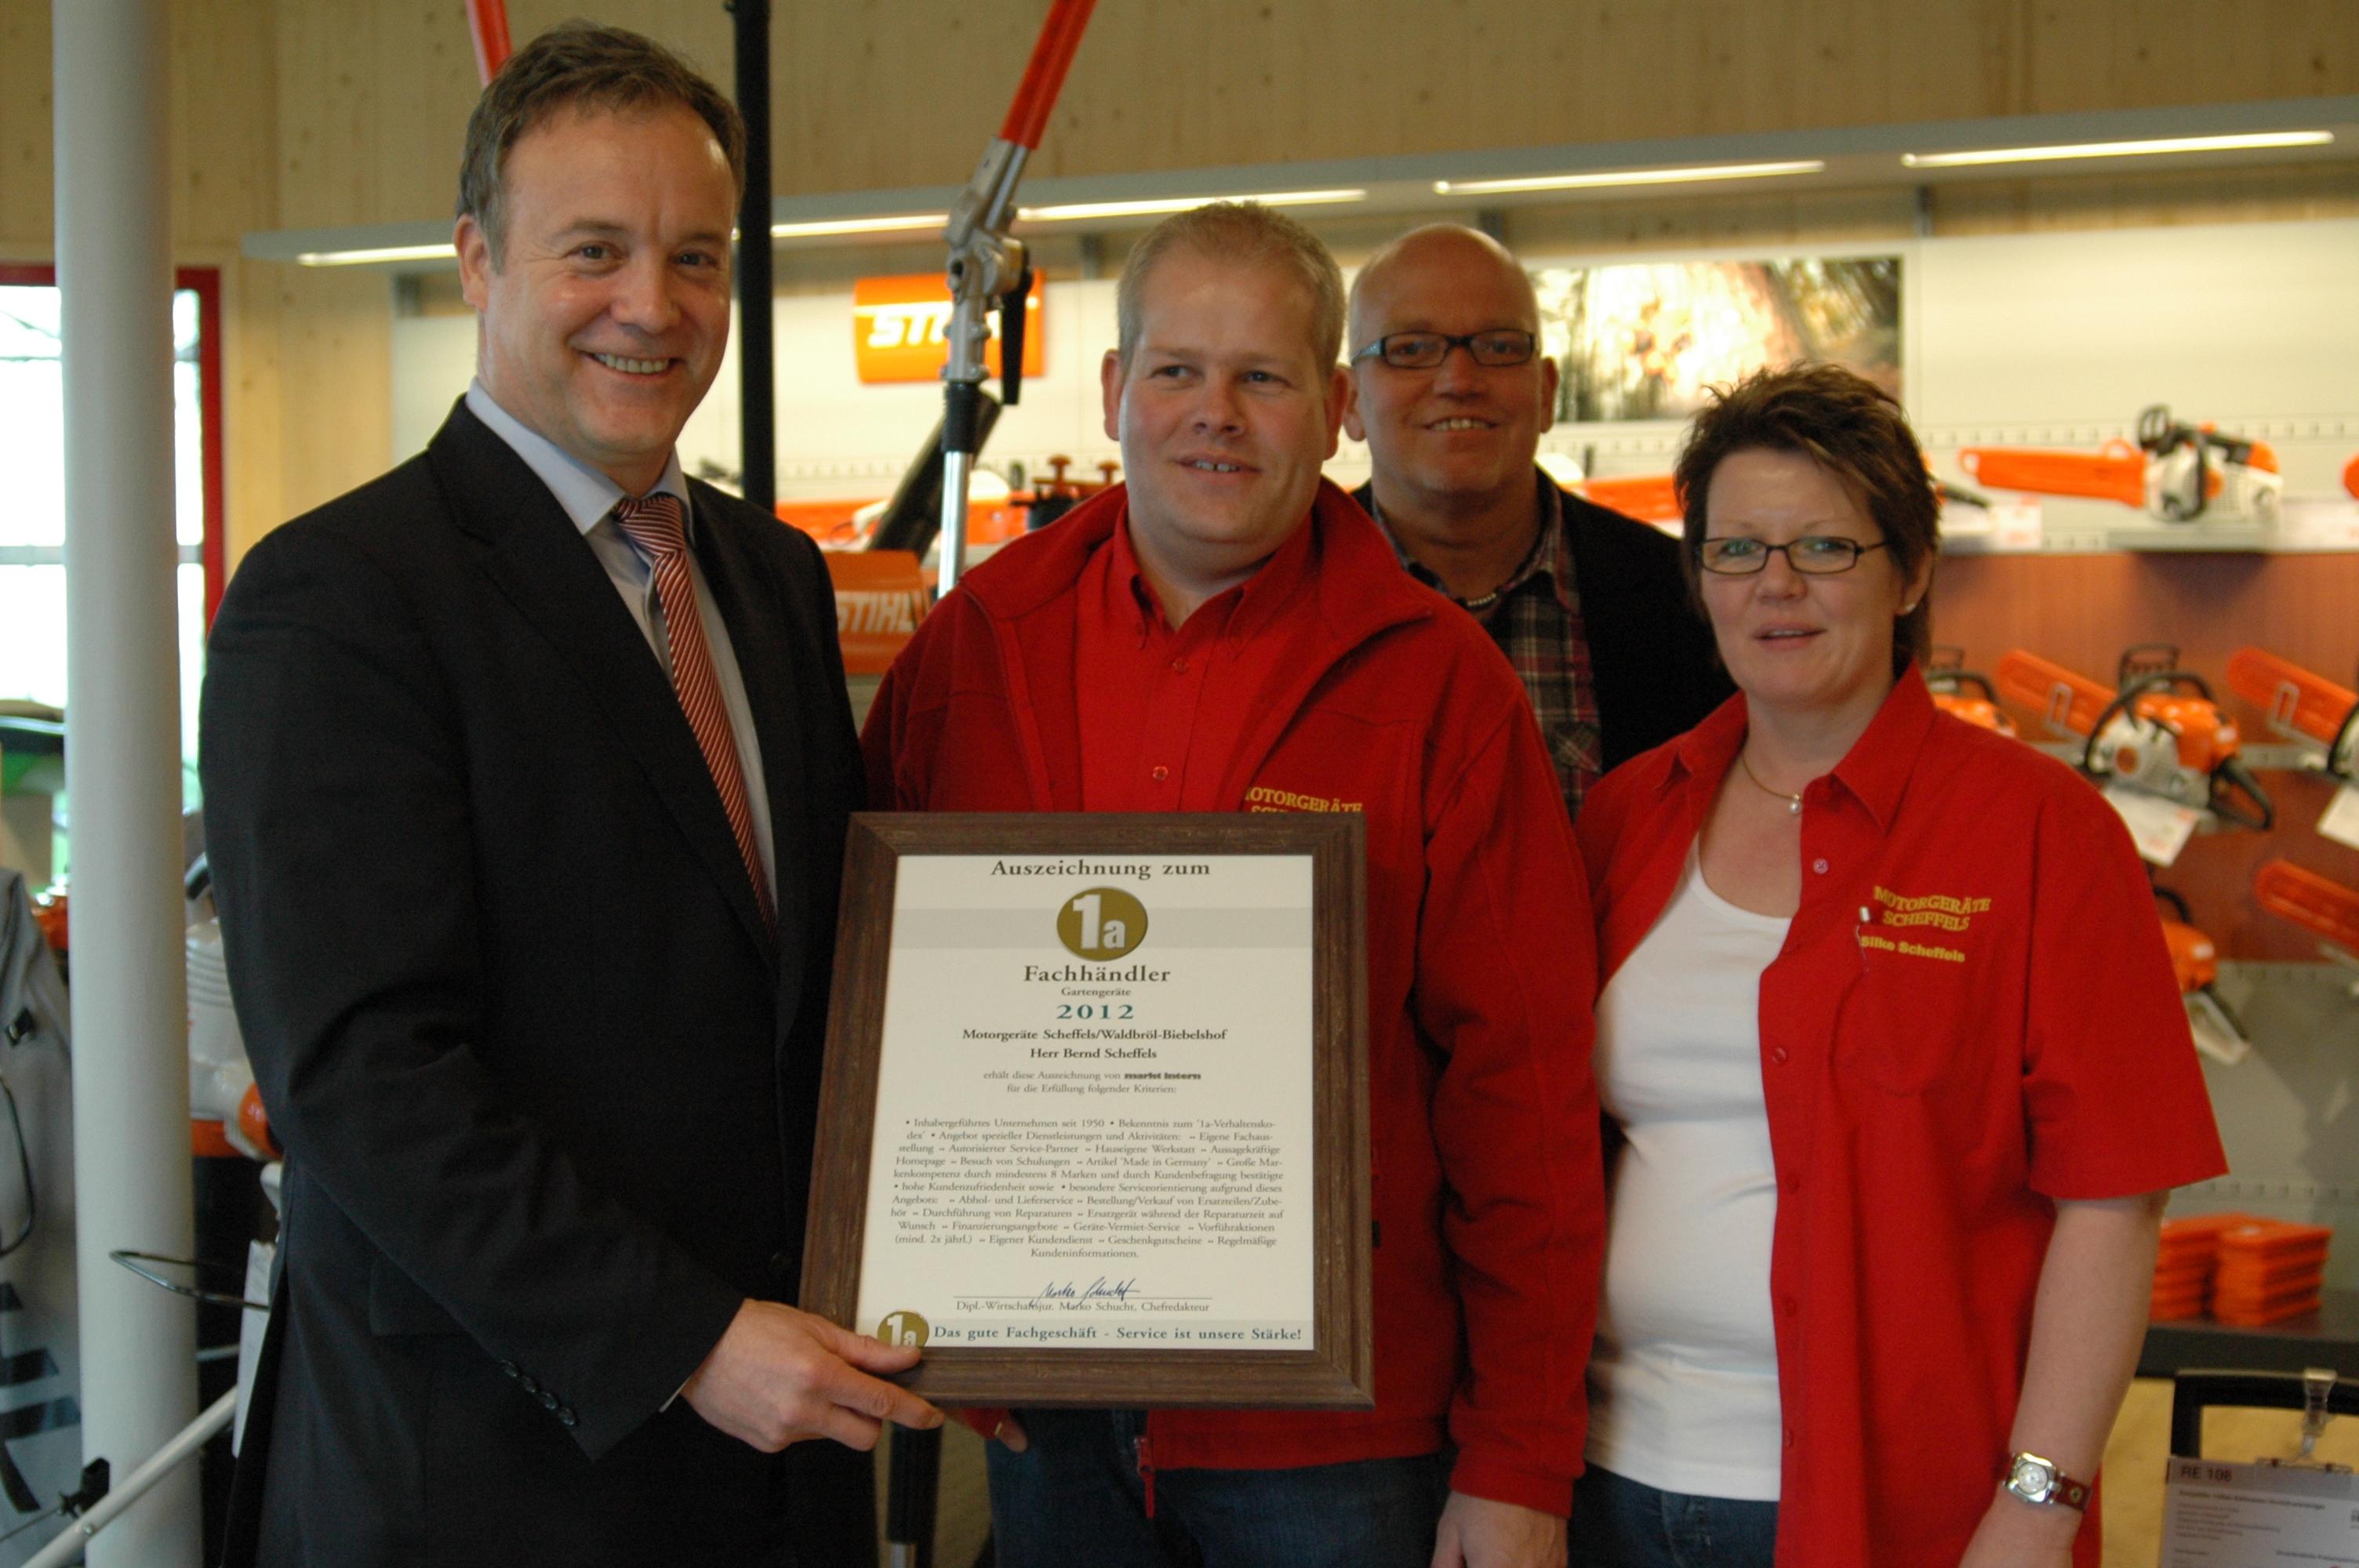 Bürgermeister Peter Koester und Wirtschaftsförderer Eckhard Becker gratulieren den Eheleuten Scheffels zur Auszeichnung 1a-Fachhändler